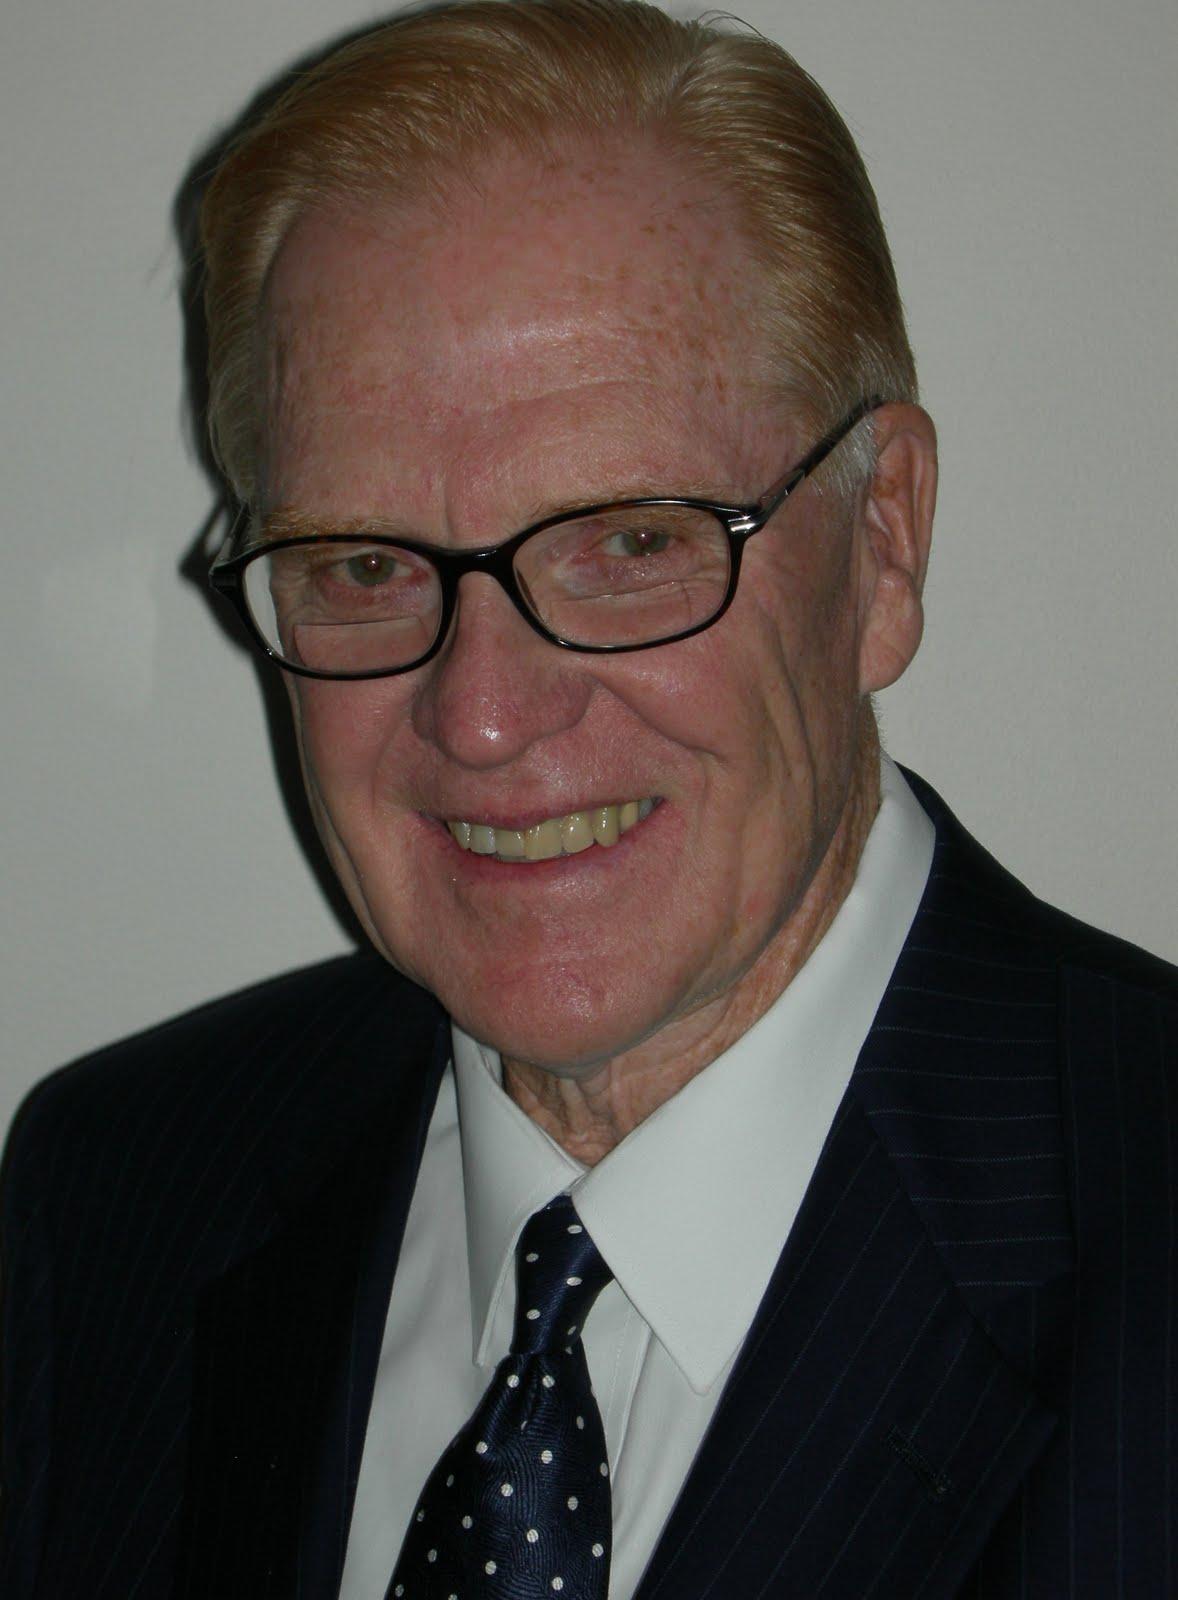 Rep. Linden Bateman